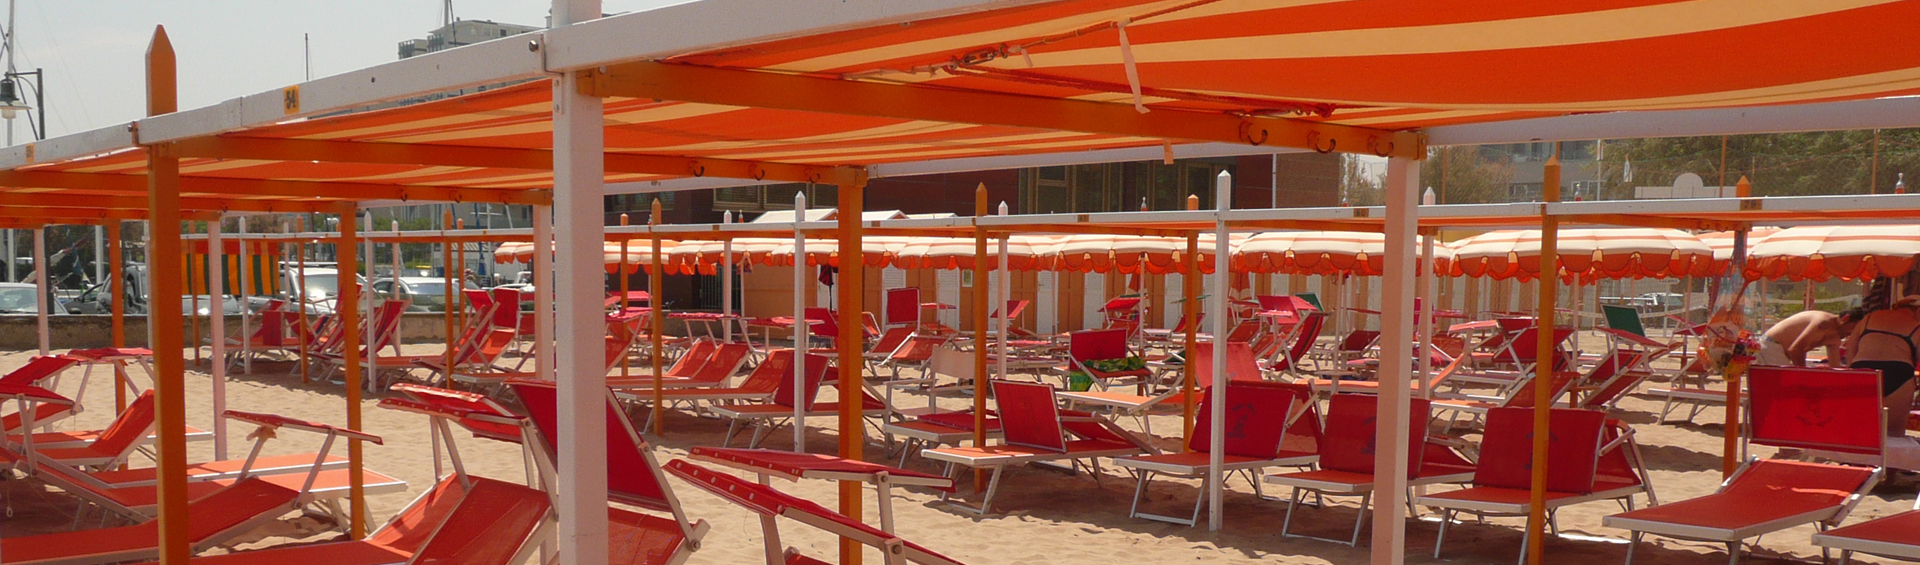 Spiaggia per famiglie, per bambini | Spiaggia 91 Riccione